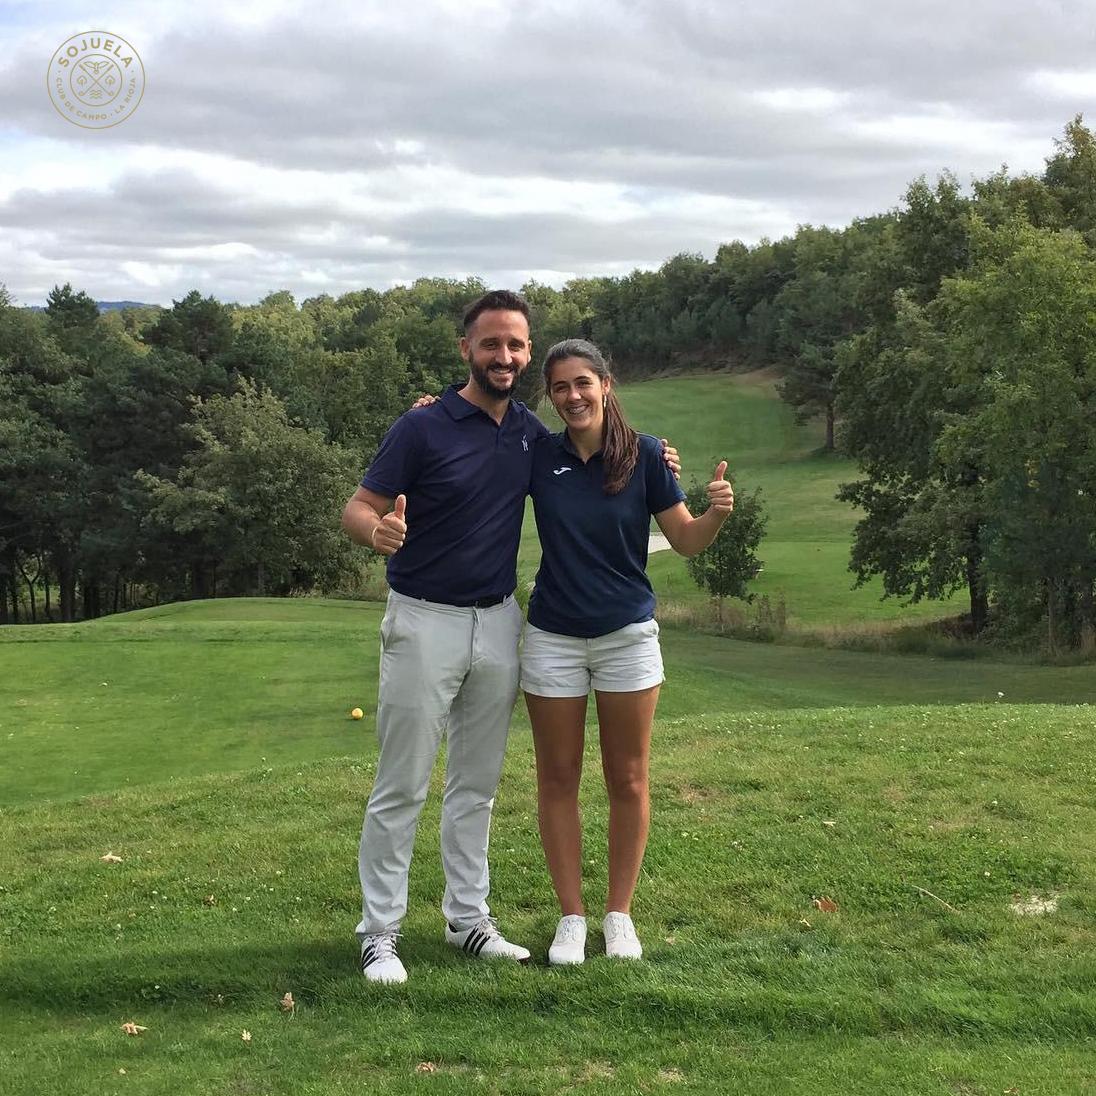 Jaime Ravina Fernández y Raquel Pinillos, campeones absolutos de La Rioja Dobles Mixto 2019